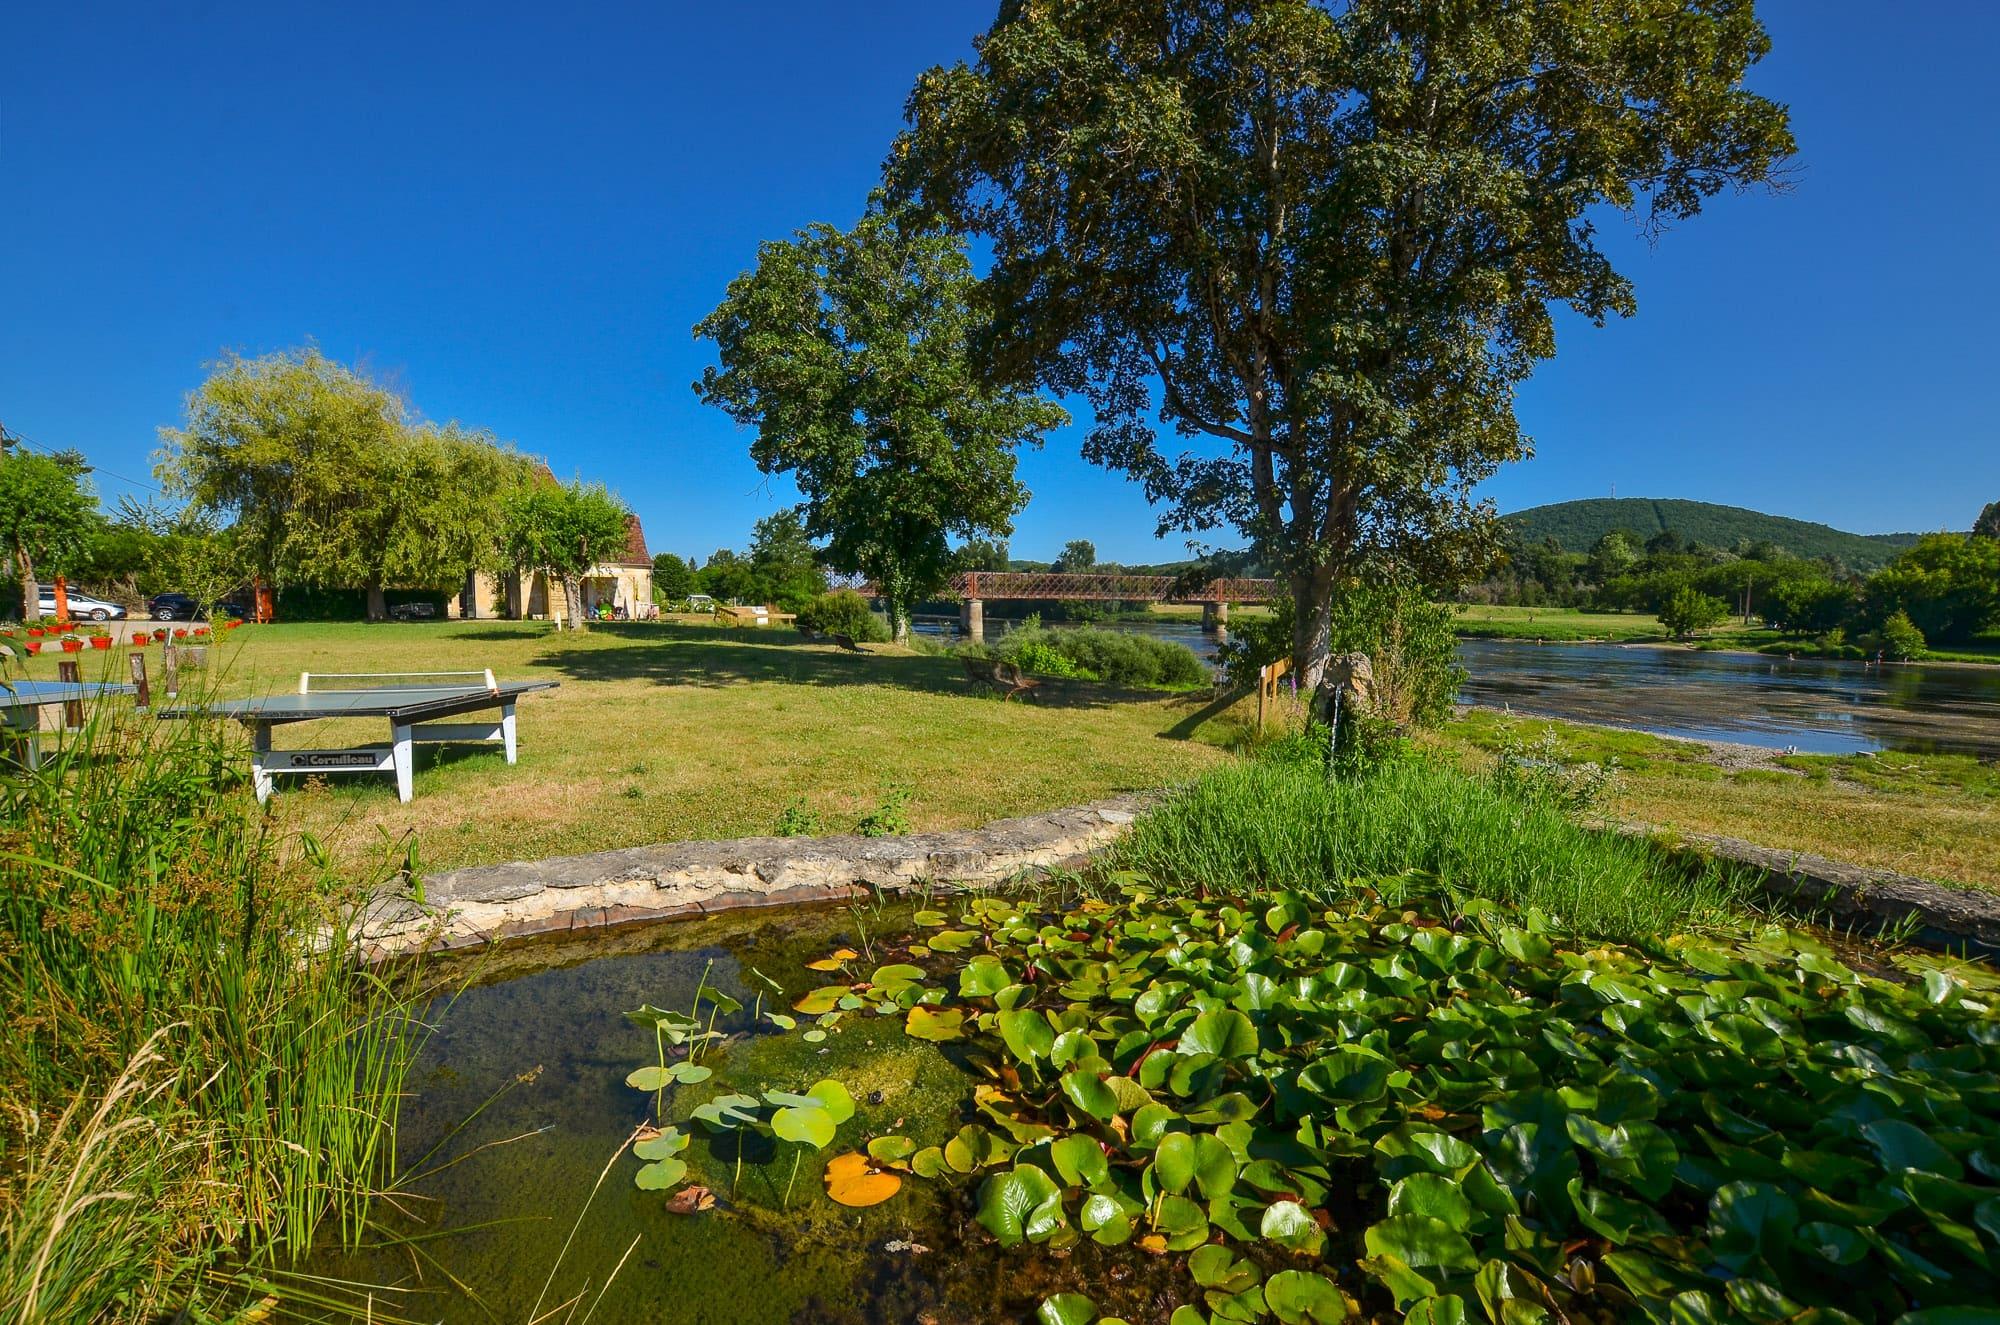 Camping Le Garrit*** au bord de la rivière Dordogne, en Périgord Noir